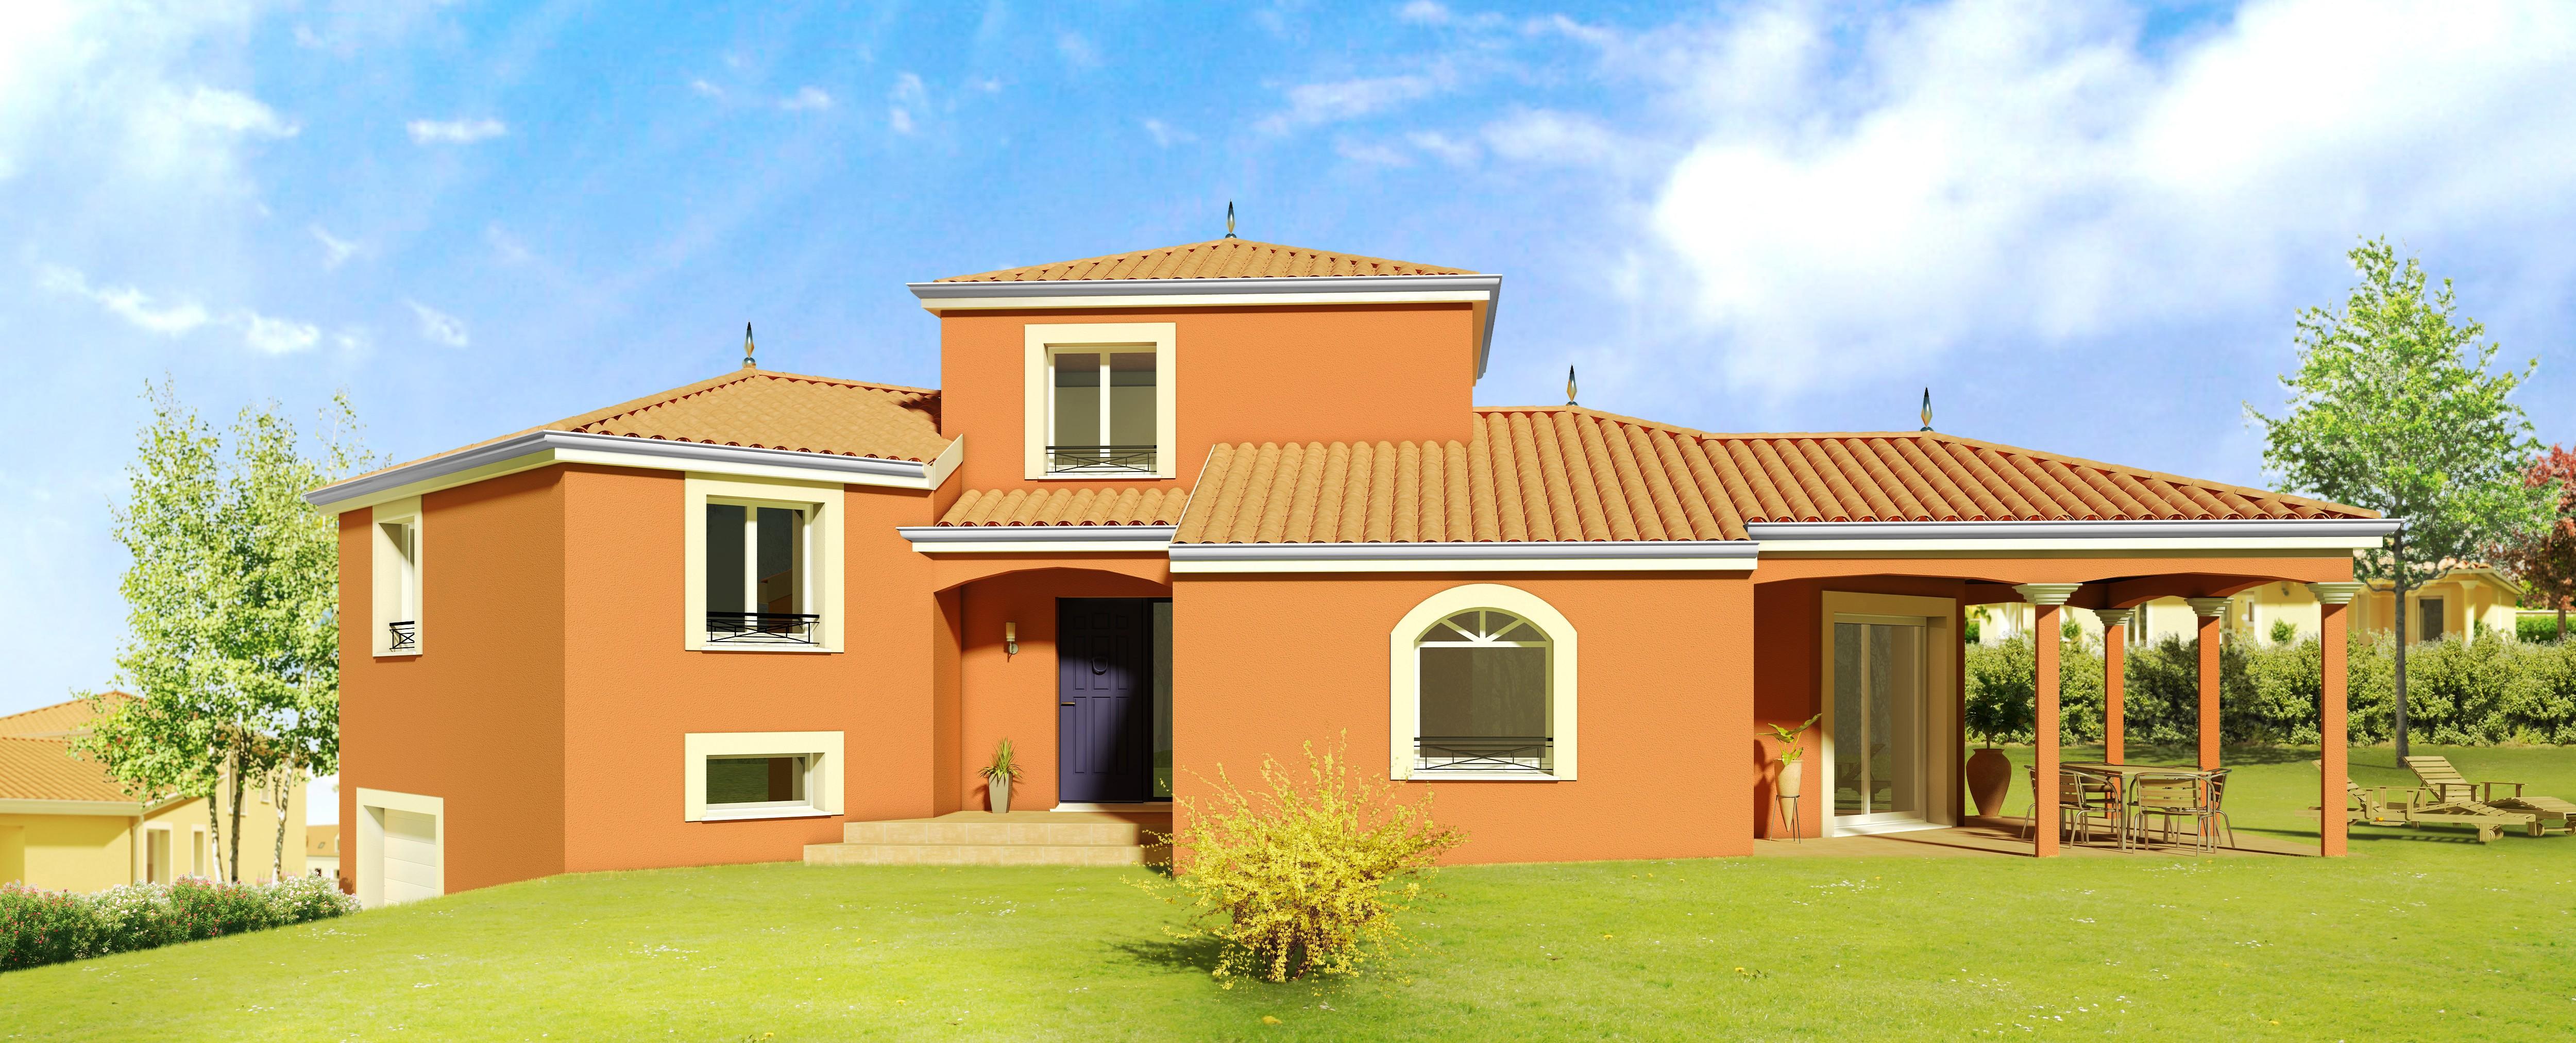 Maisons + Terrains du constructeur DEMEURES CALADOISES • 122 m² • SAINT ONDRAS